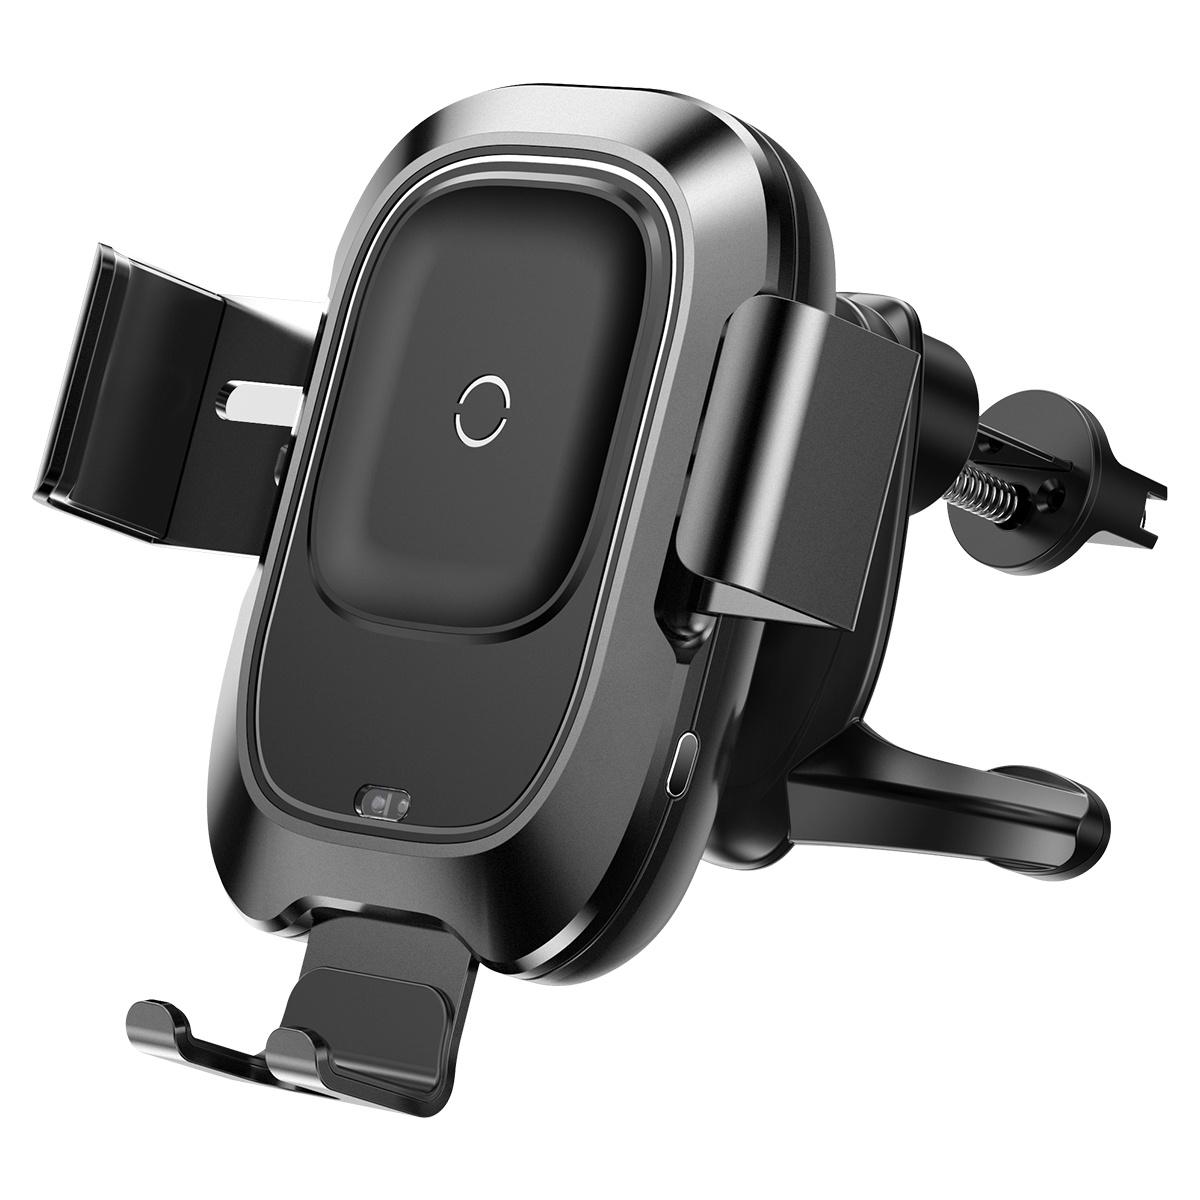 Фото - Автомобильный держатель с беспроводной зарядкой Smart Vehicle Bracket Wireless Charger - WXZN-01 автомобильная беспроводная зарядка держатель с сенсорным датчиком smart sensor car wireless charger r1